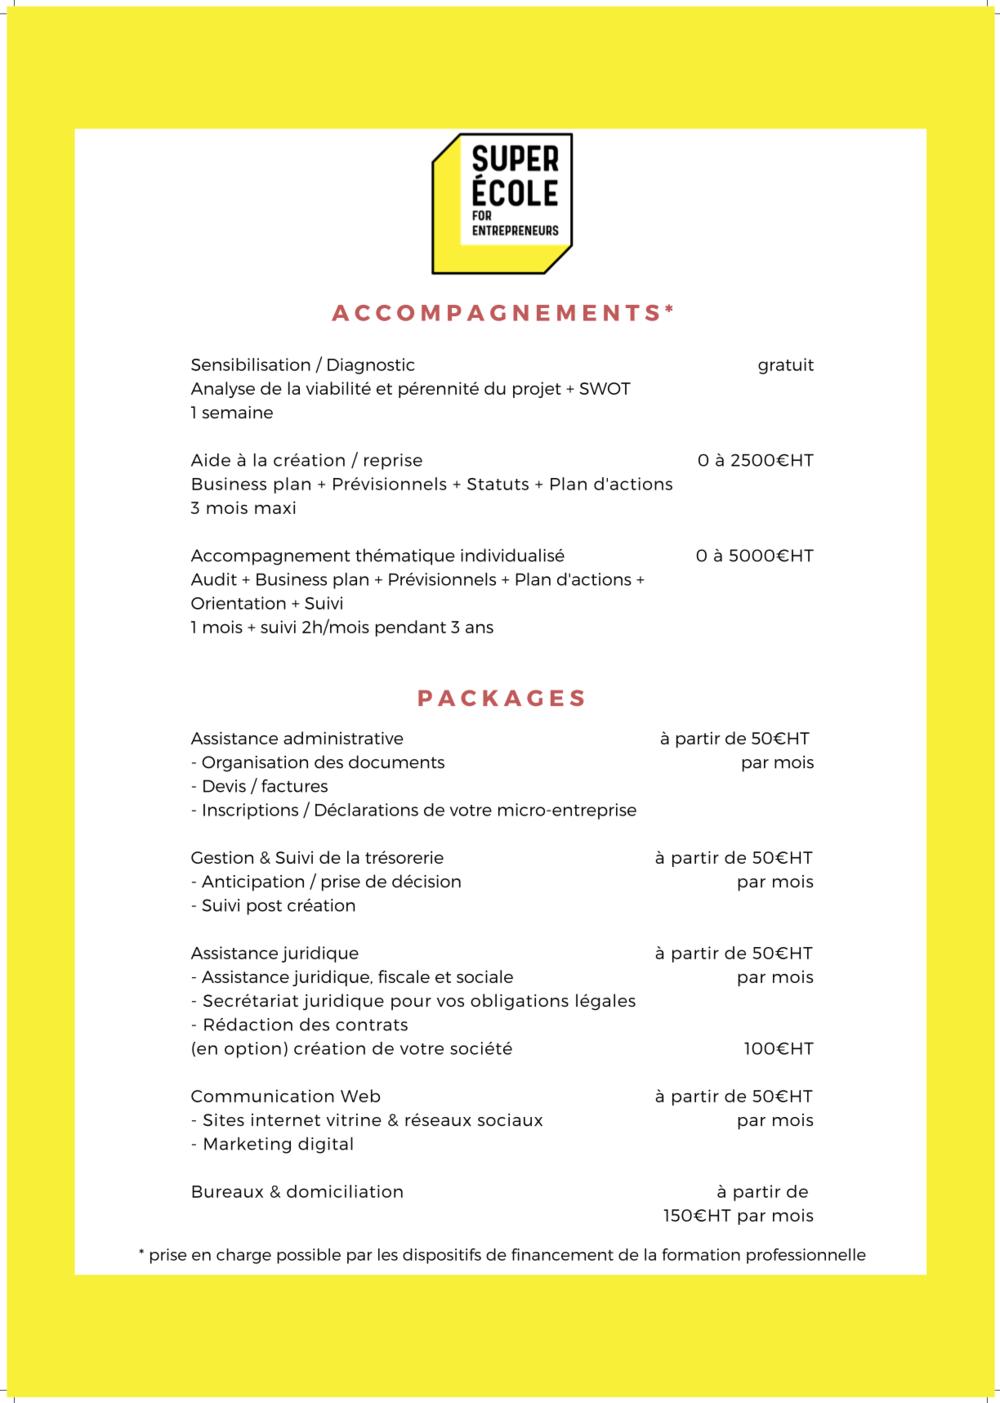 Affiche Super Ecole tarifs.png